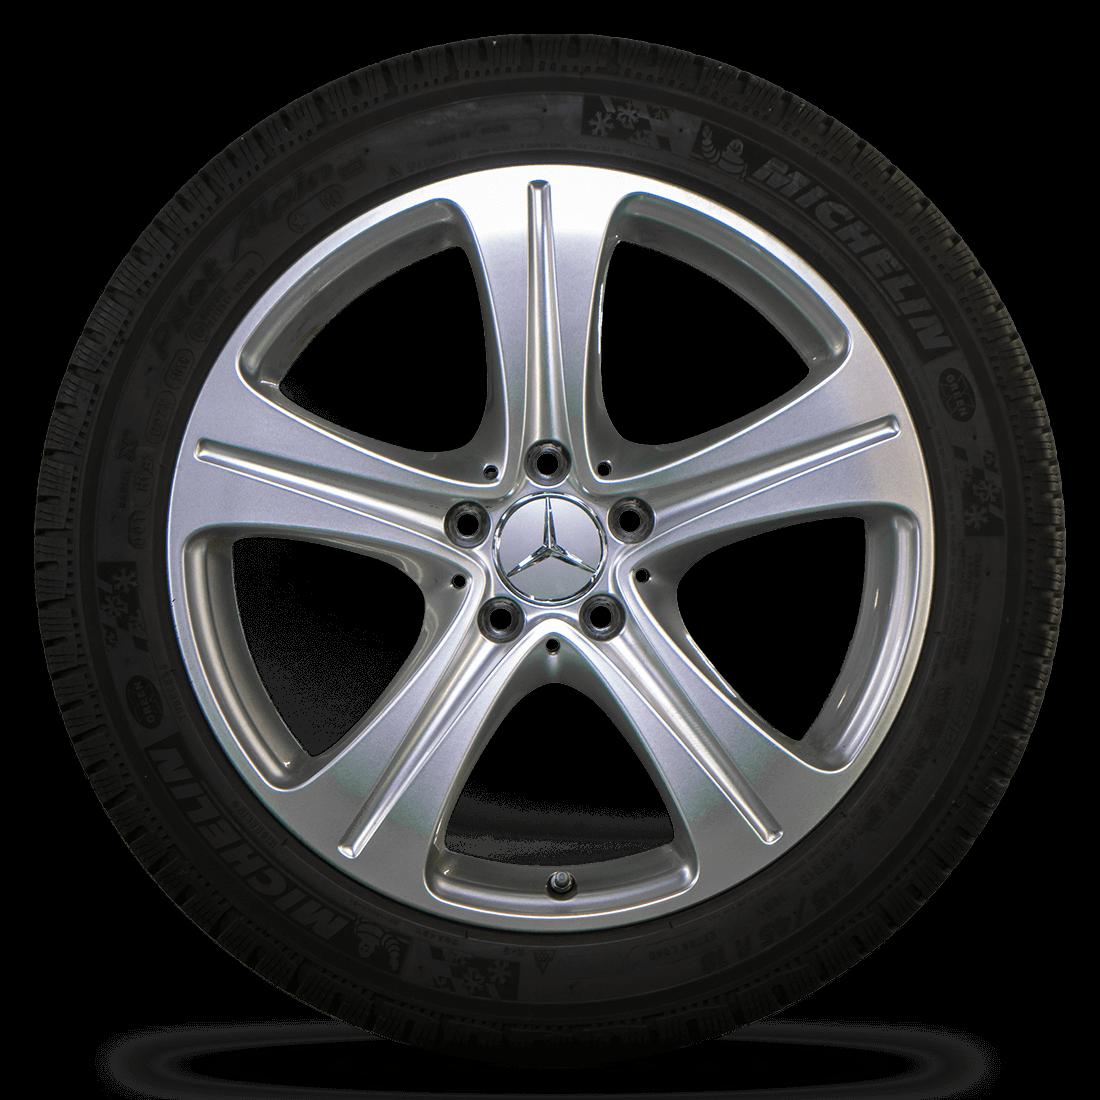 Mercedes 18 inch E-Class W213 C238 Winter Wheels Winter Complete Wheels Winter